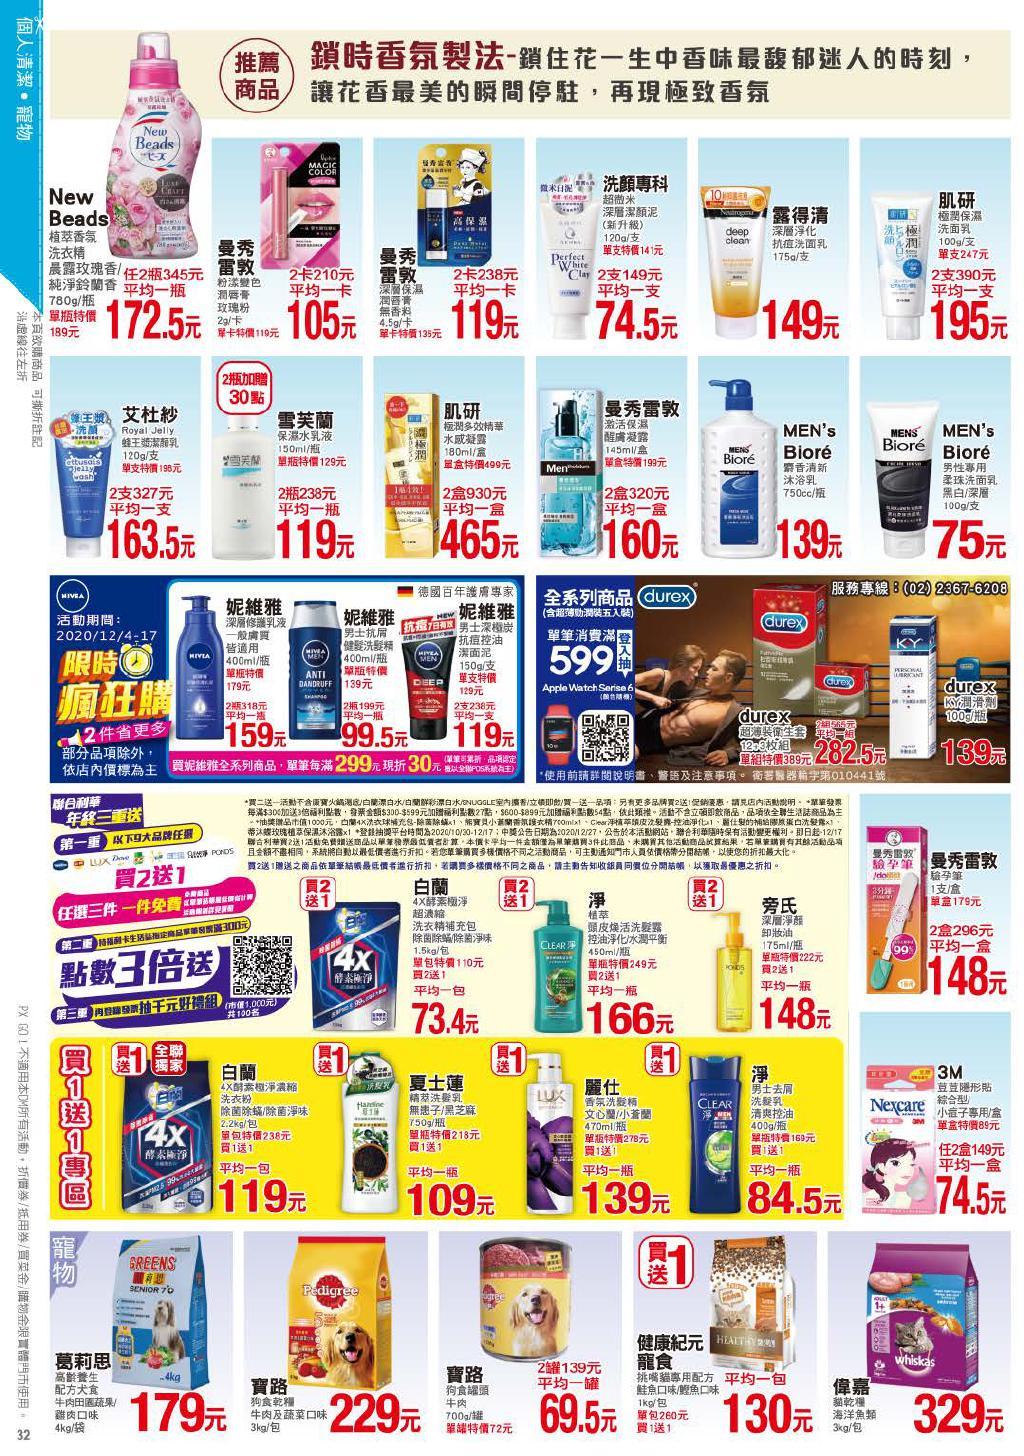 pxmart20201217_000032.jpg